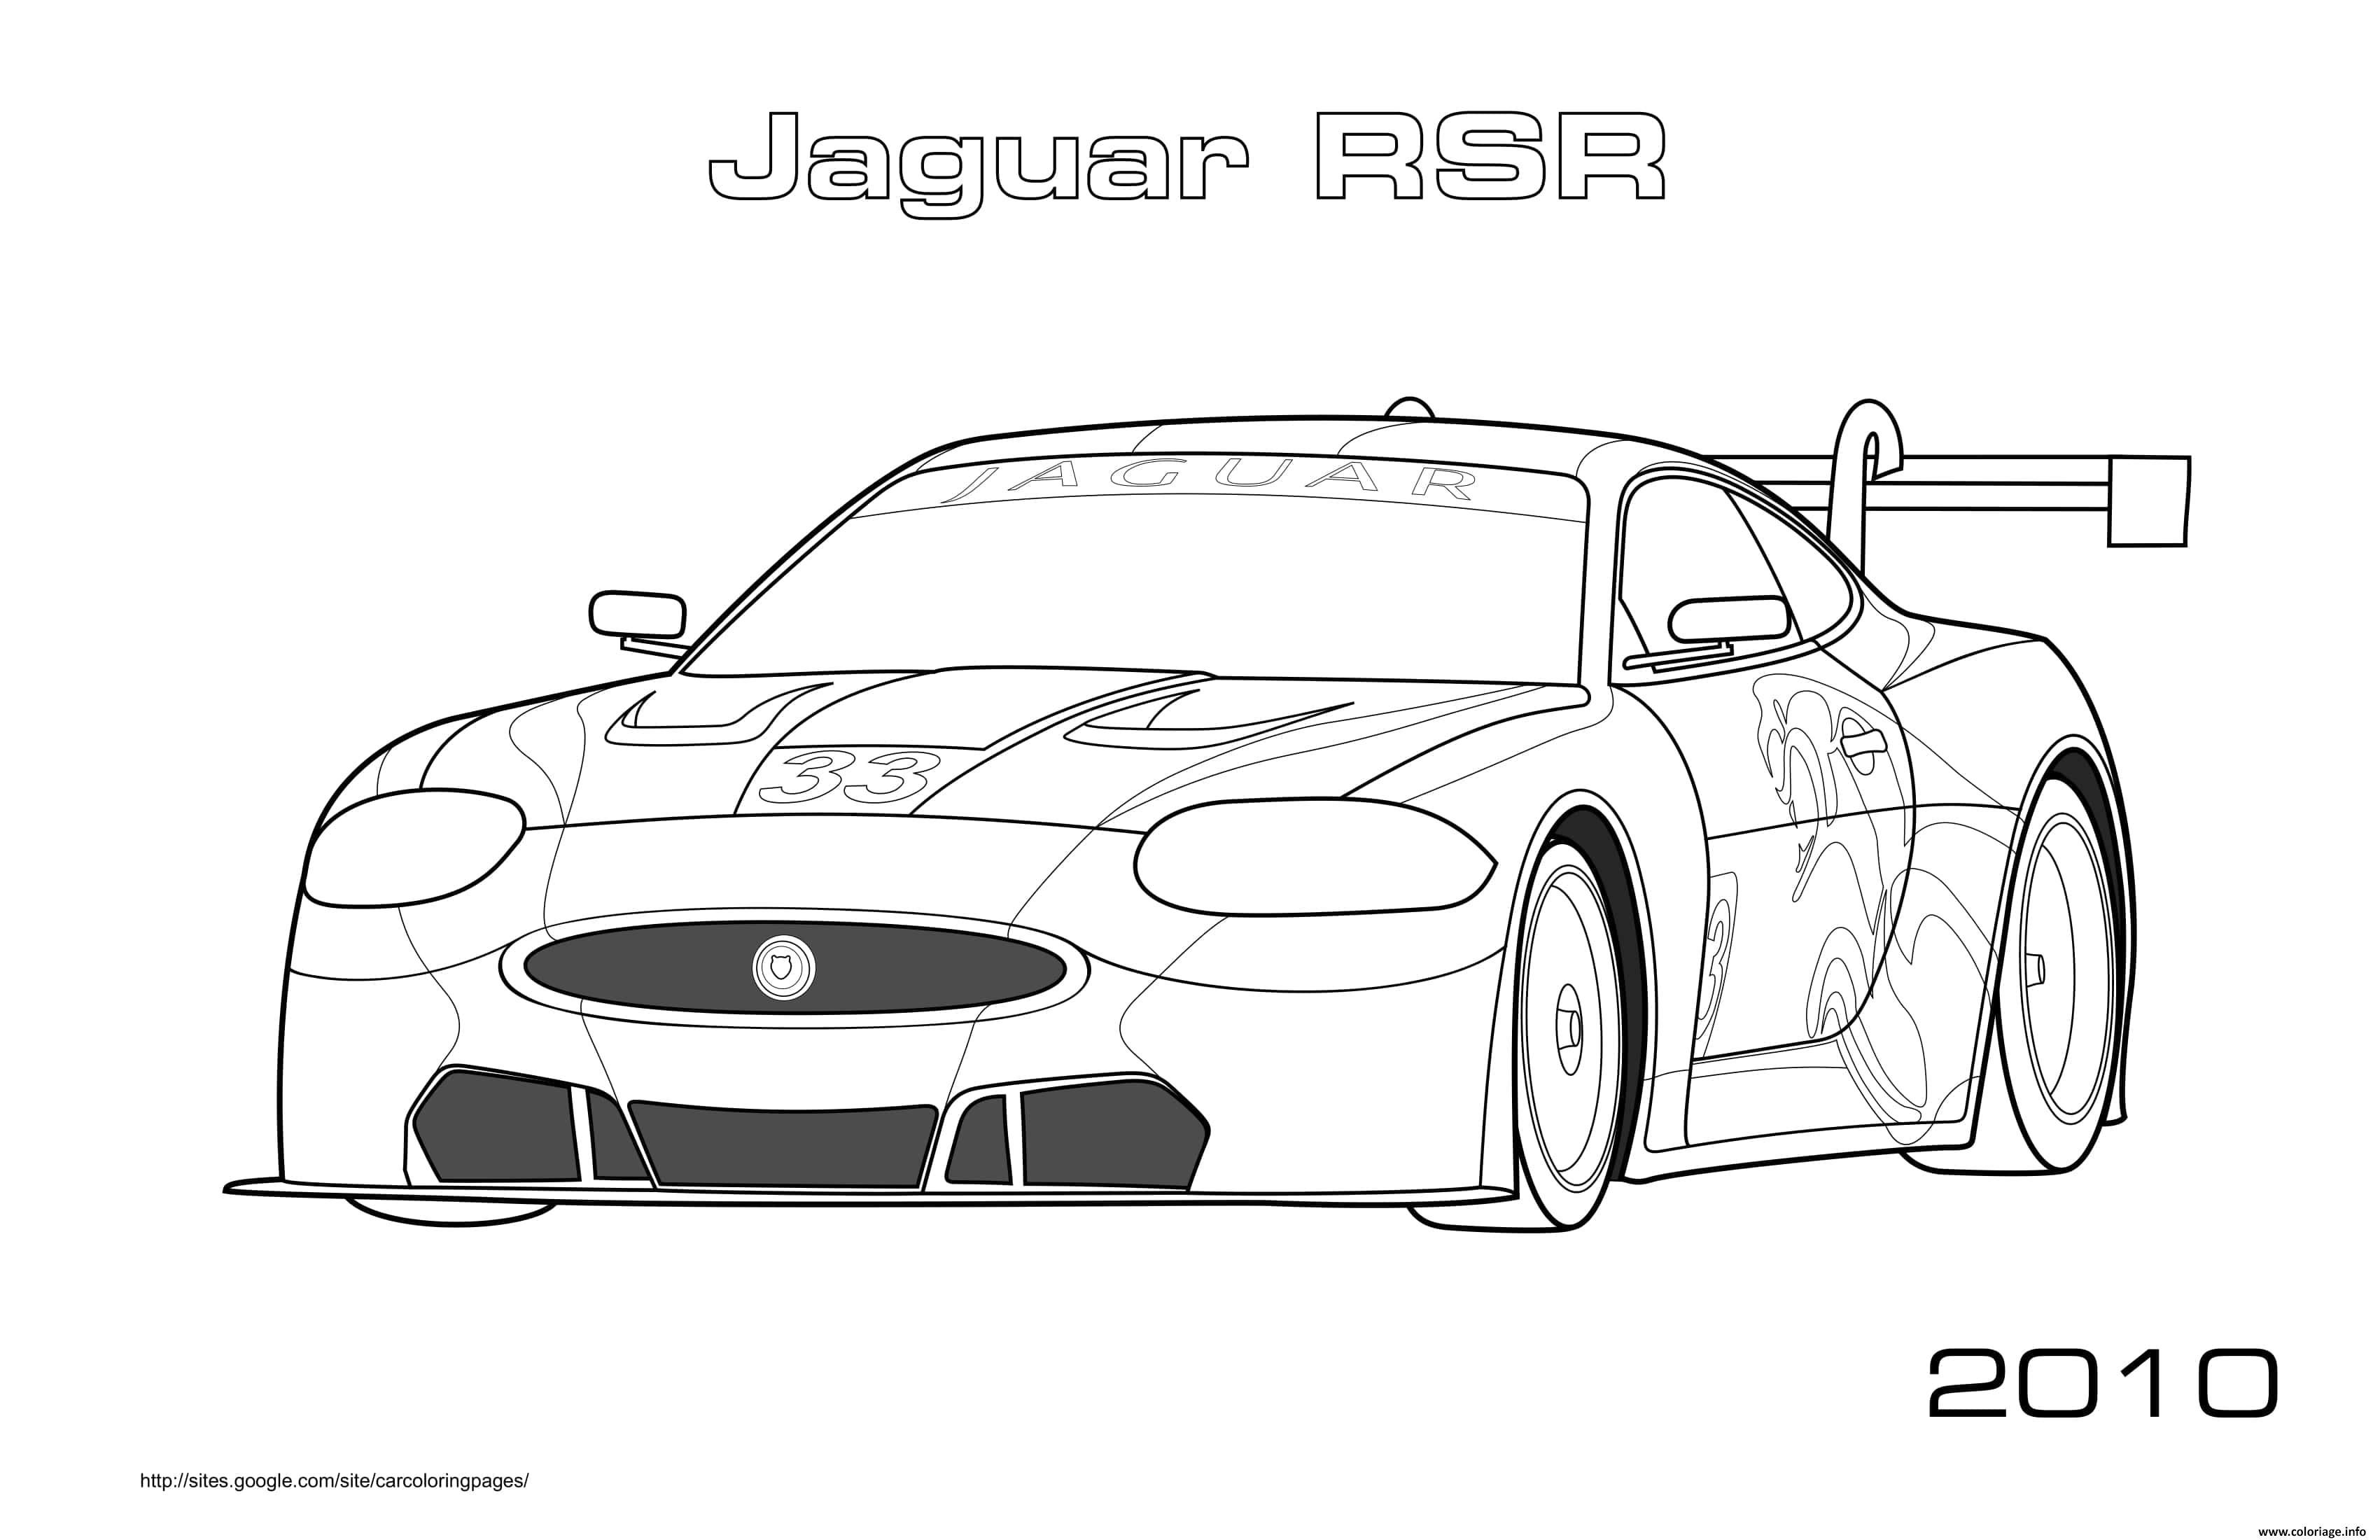 Dessin Jaguar Rsr 2010 Coloriage Gratuit à Imprimer